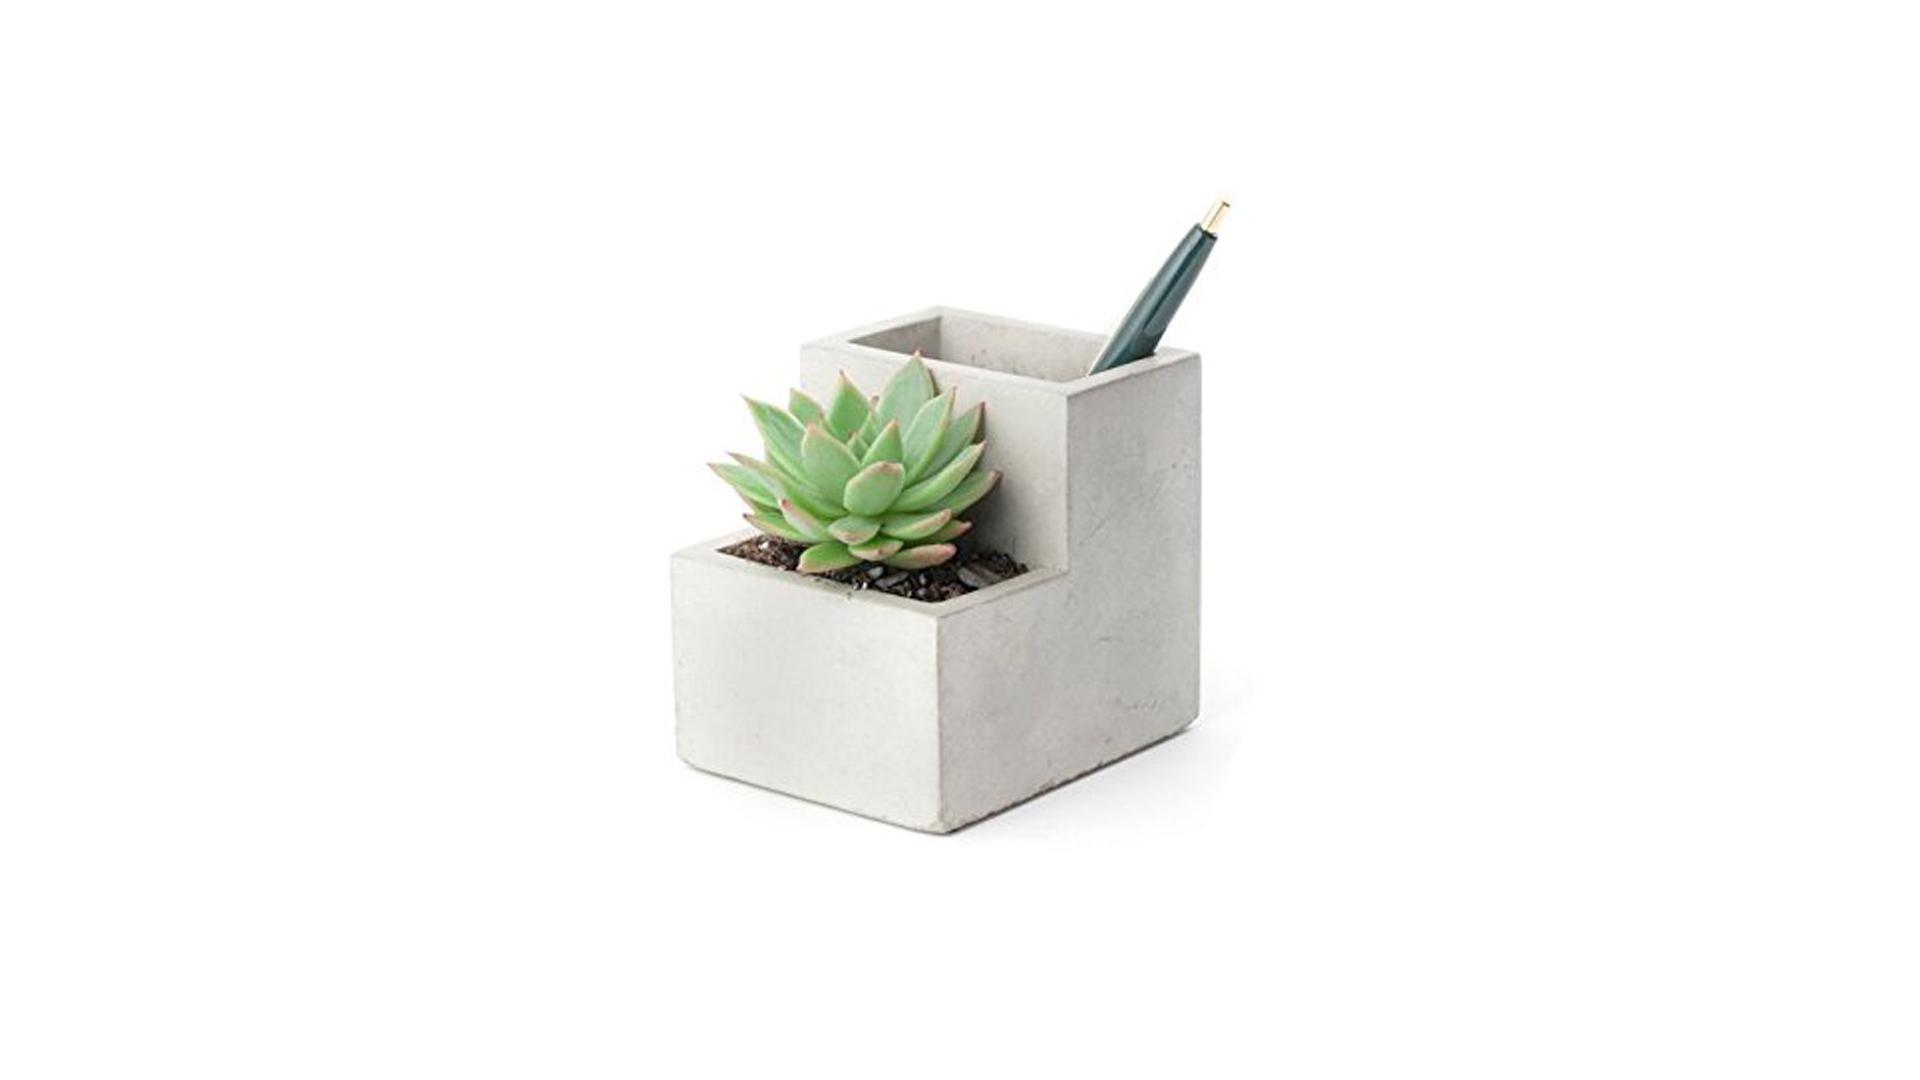 Kikkerland Concrete Desktop Plant and Pen Pot